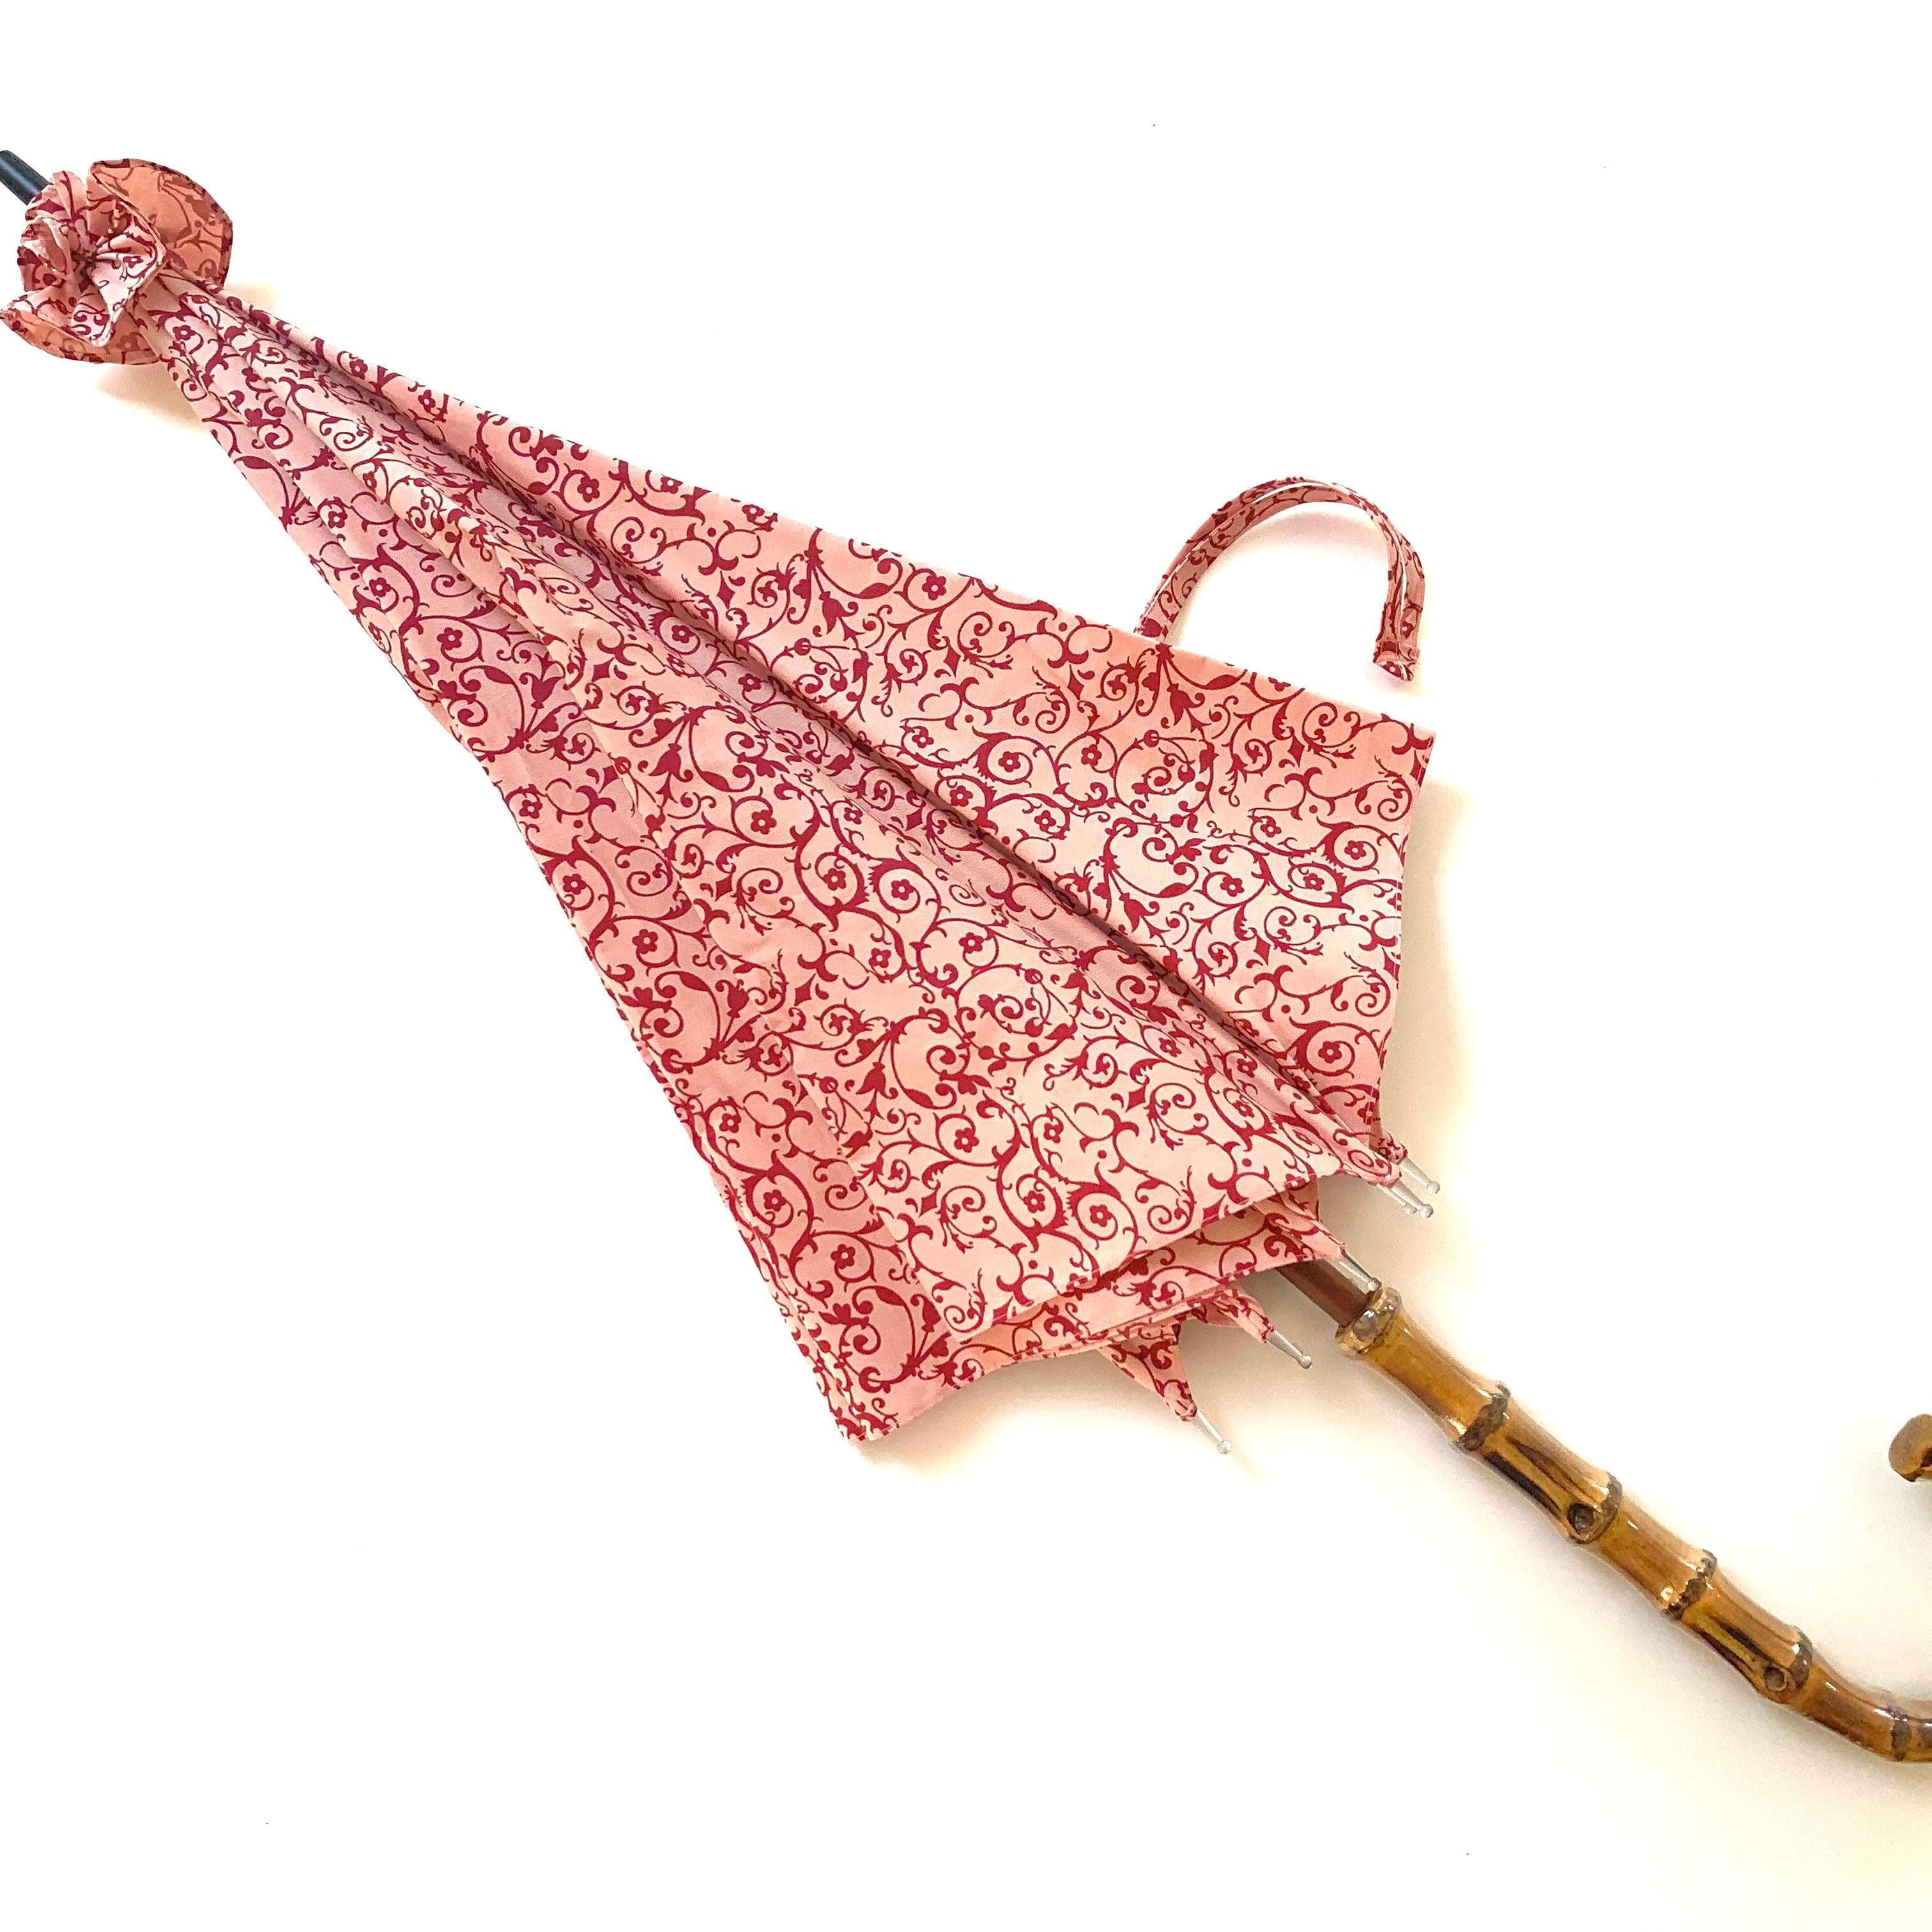 北欧デザイン日傘(晴雨兼用)  パゴダタイプ   daisy pink